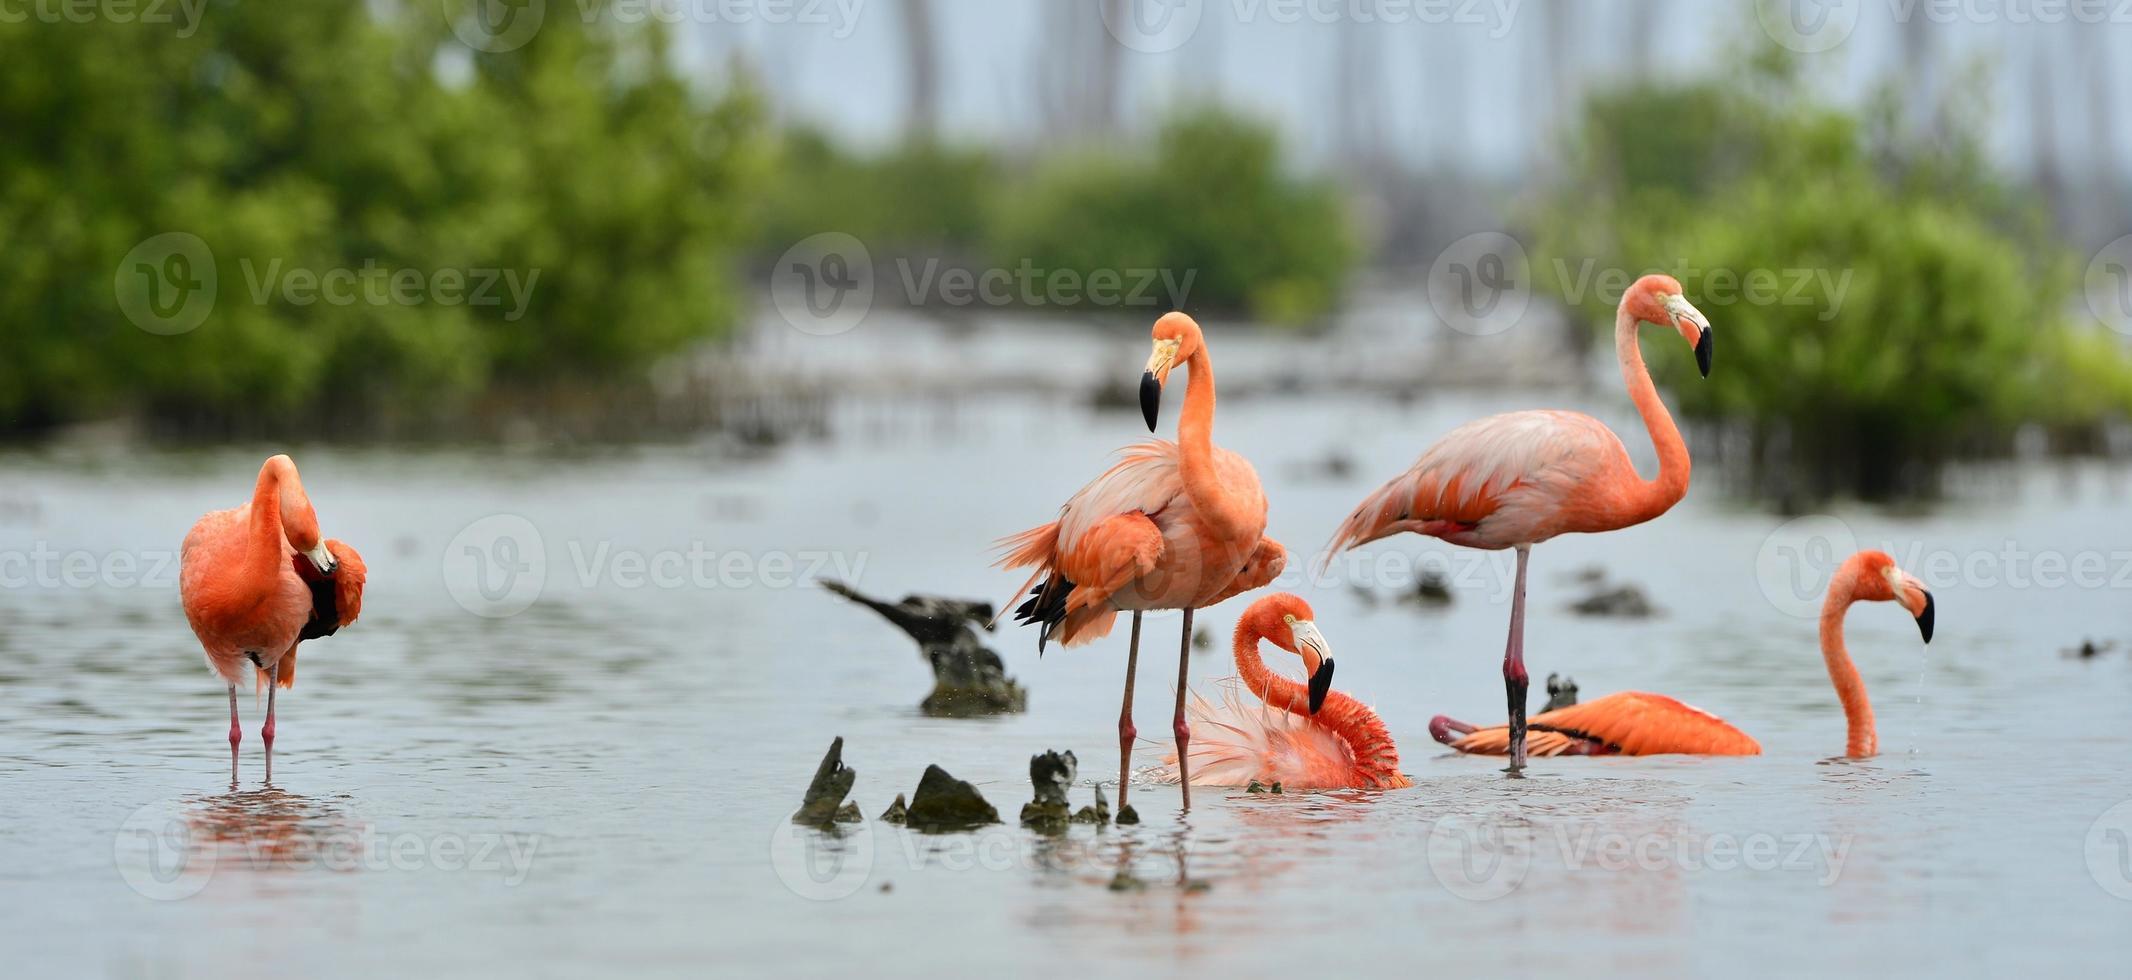 flamencos del caribe (phoenicopterus ruber) foto